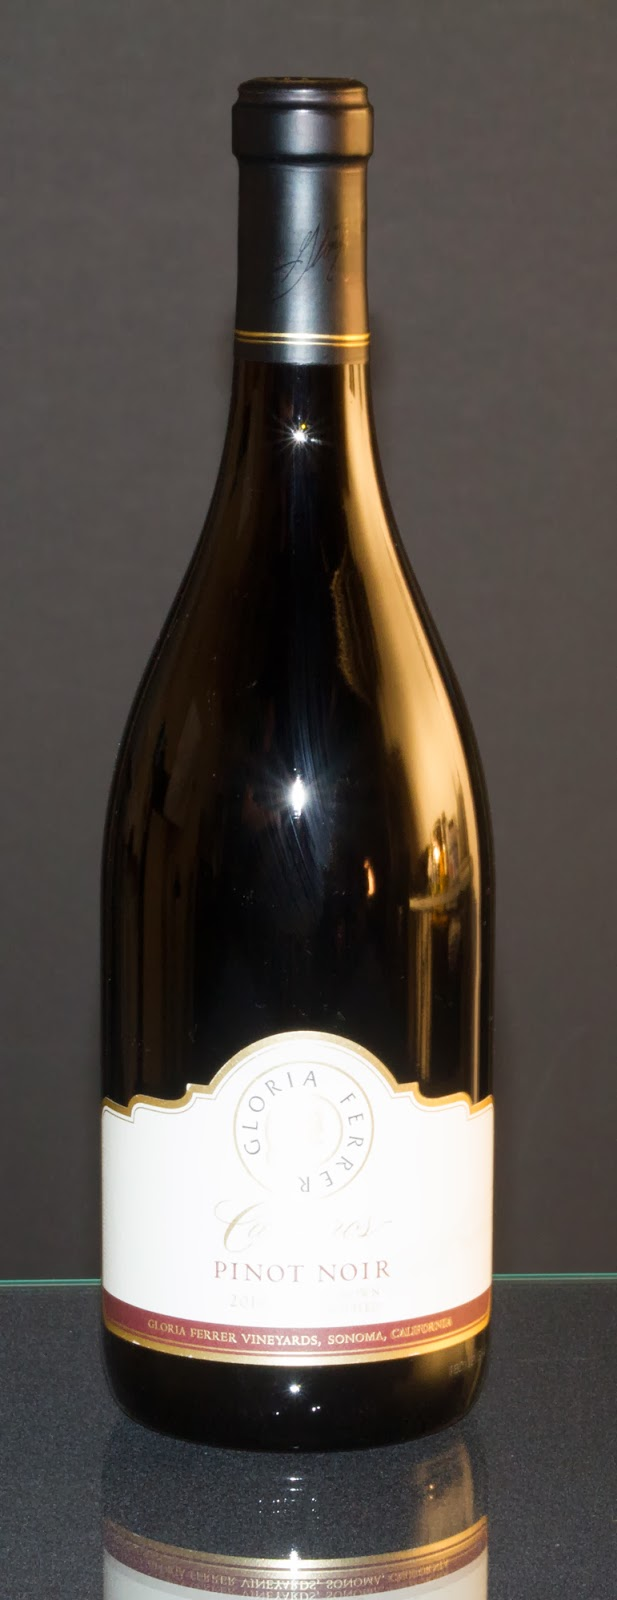 exp rimentations avec la lumi re automne 2013 clairage classique de bouteille de vin opaque. Black Bedroom Furniture Sets. Home Design Ideas